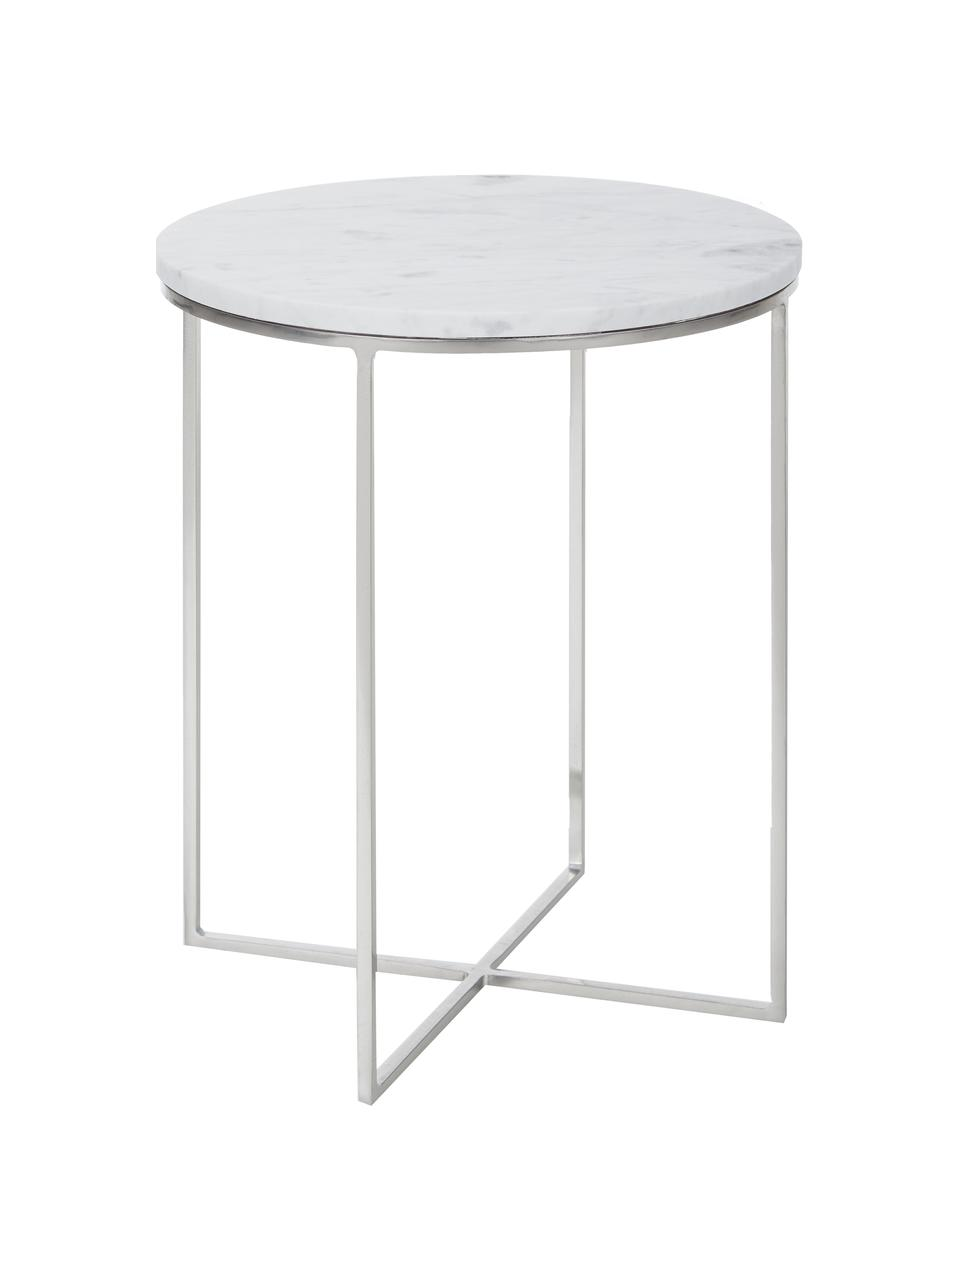 Table d'appoint ronde marbre Alys, Plateau: marbre blanc-gris, léger brillant Structure: couleur argentée, mat